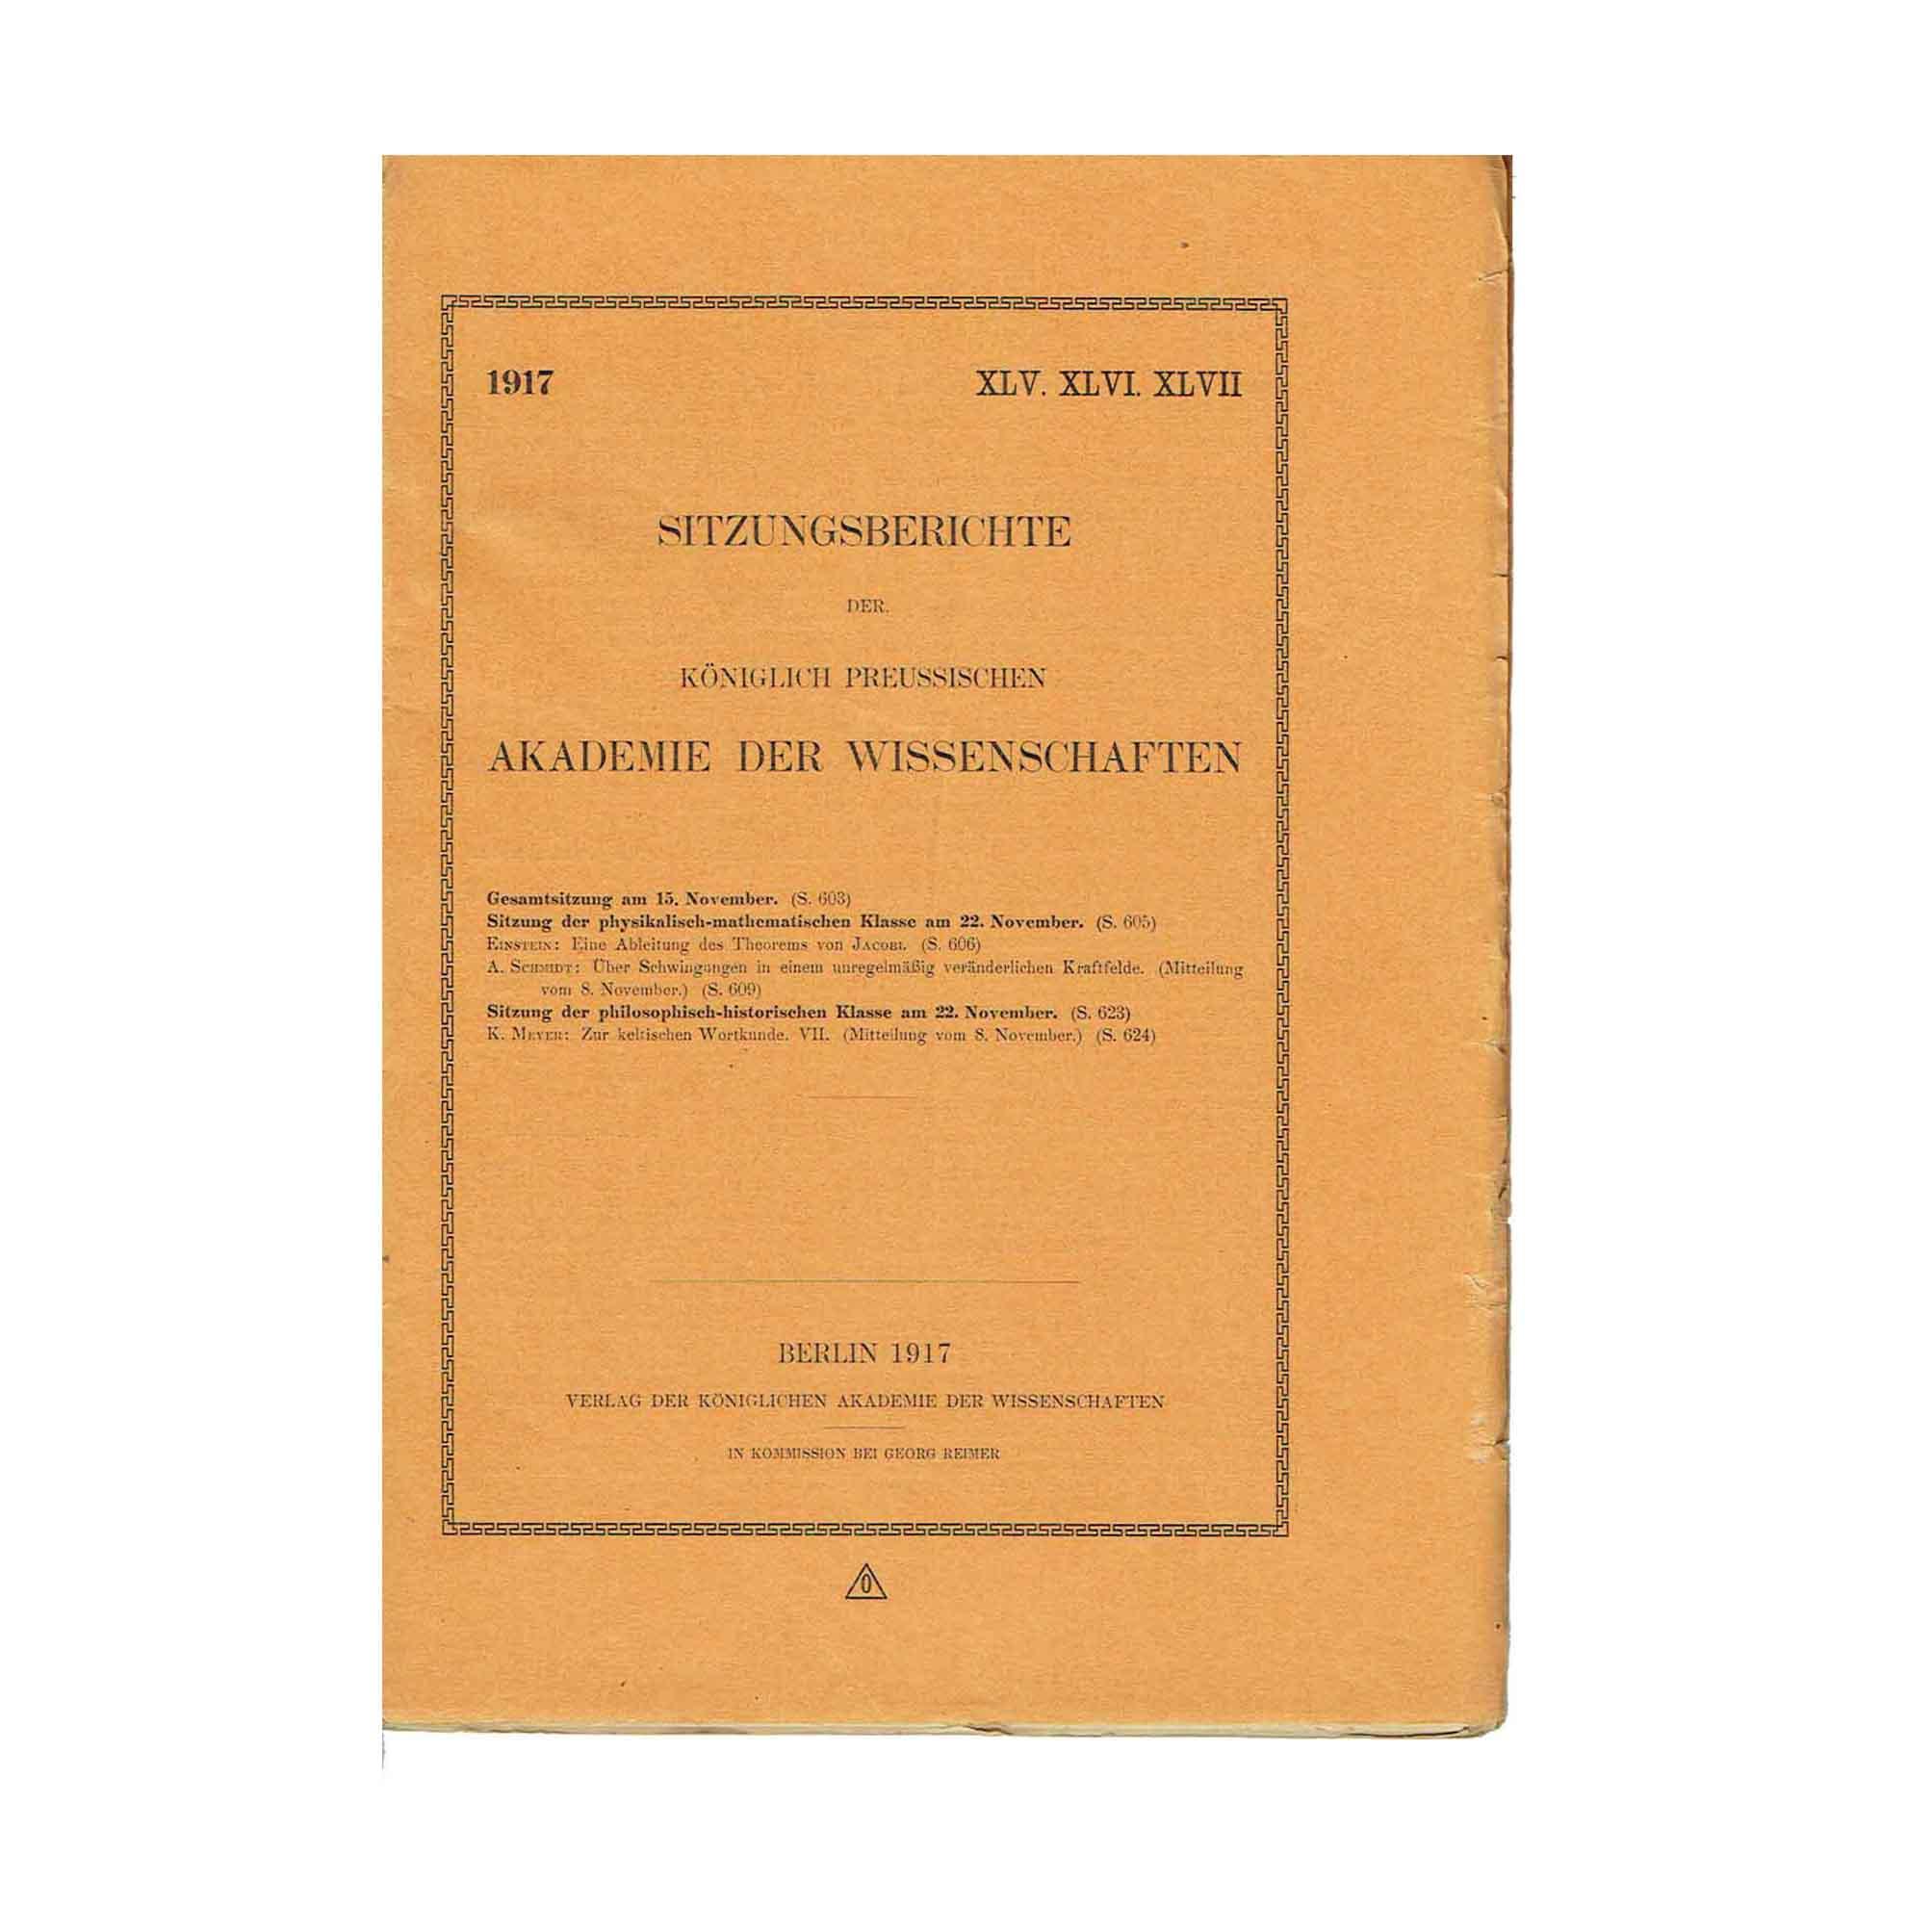 5718-Einstein-Jacobi-Akademie-XLVI-1917-Cover-recto-free-N.jpg